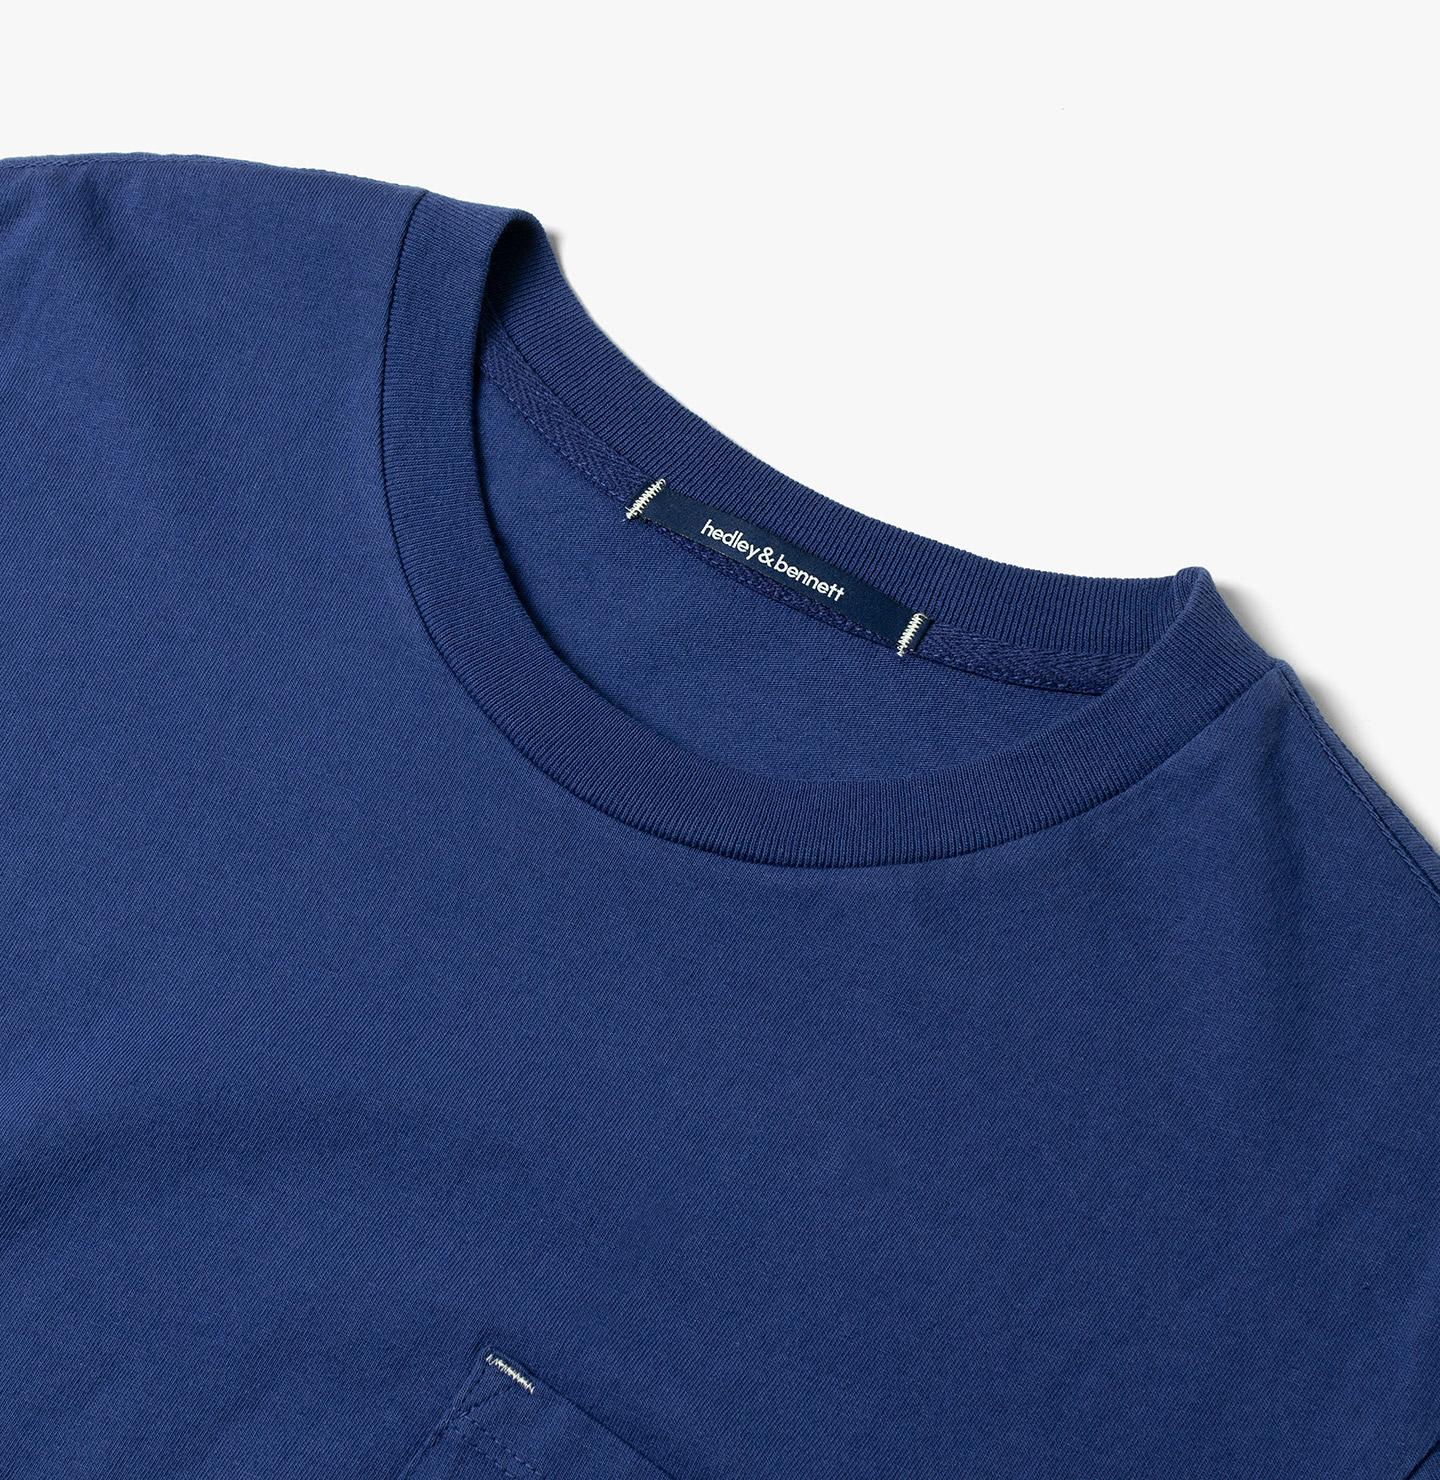 Premium Fabrics